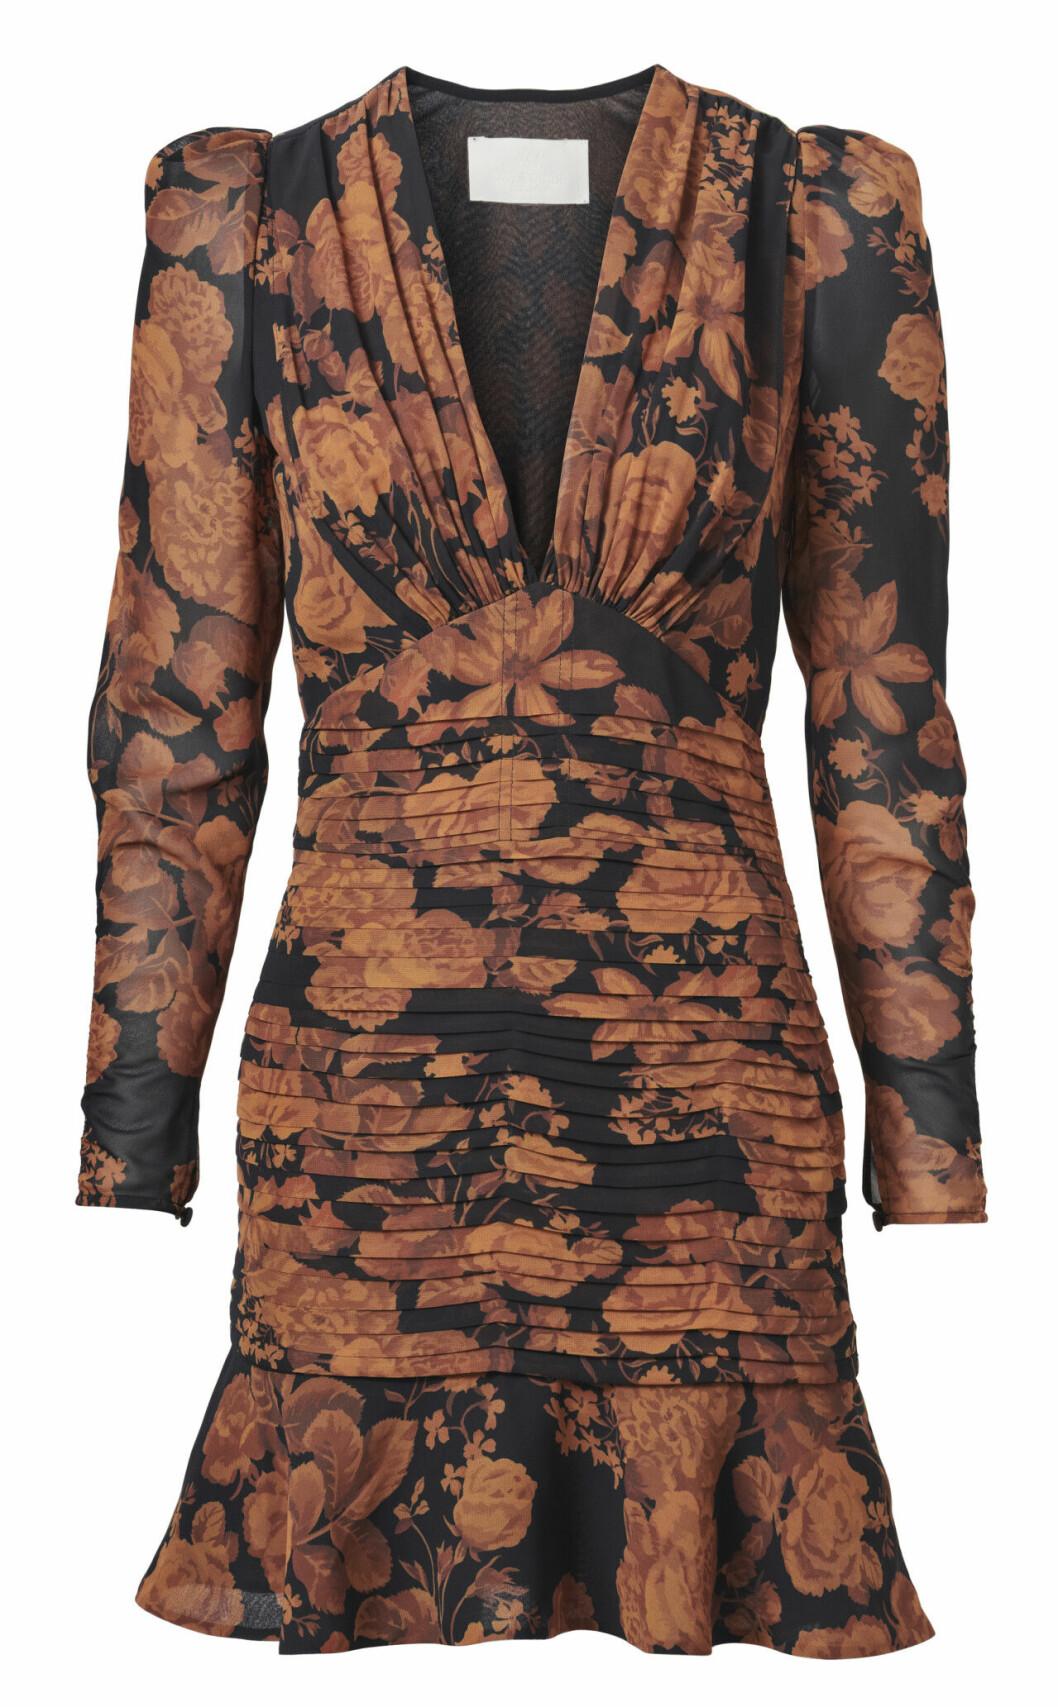 H&M Conscious Exclusive AW19 –blommig klänning med lång ärm